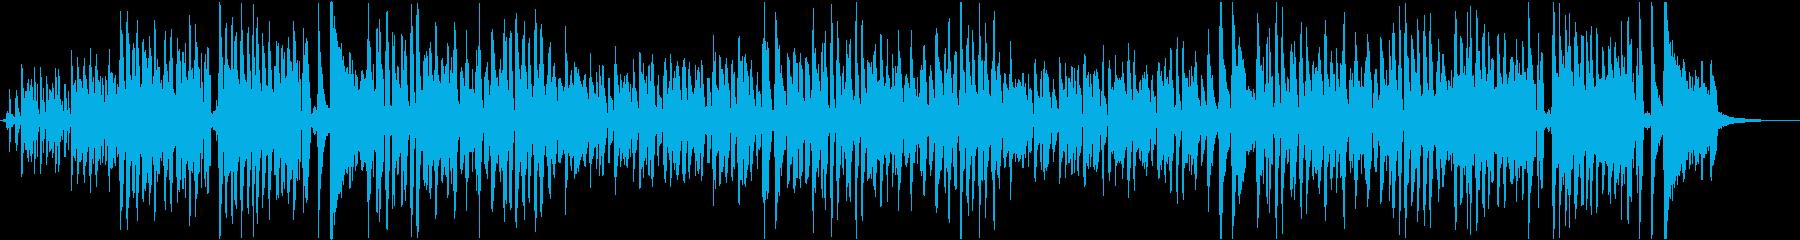 七夕をテーマにした楽曲の再生済みの波形